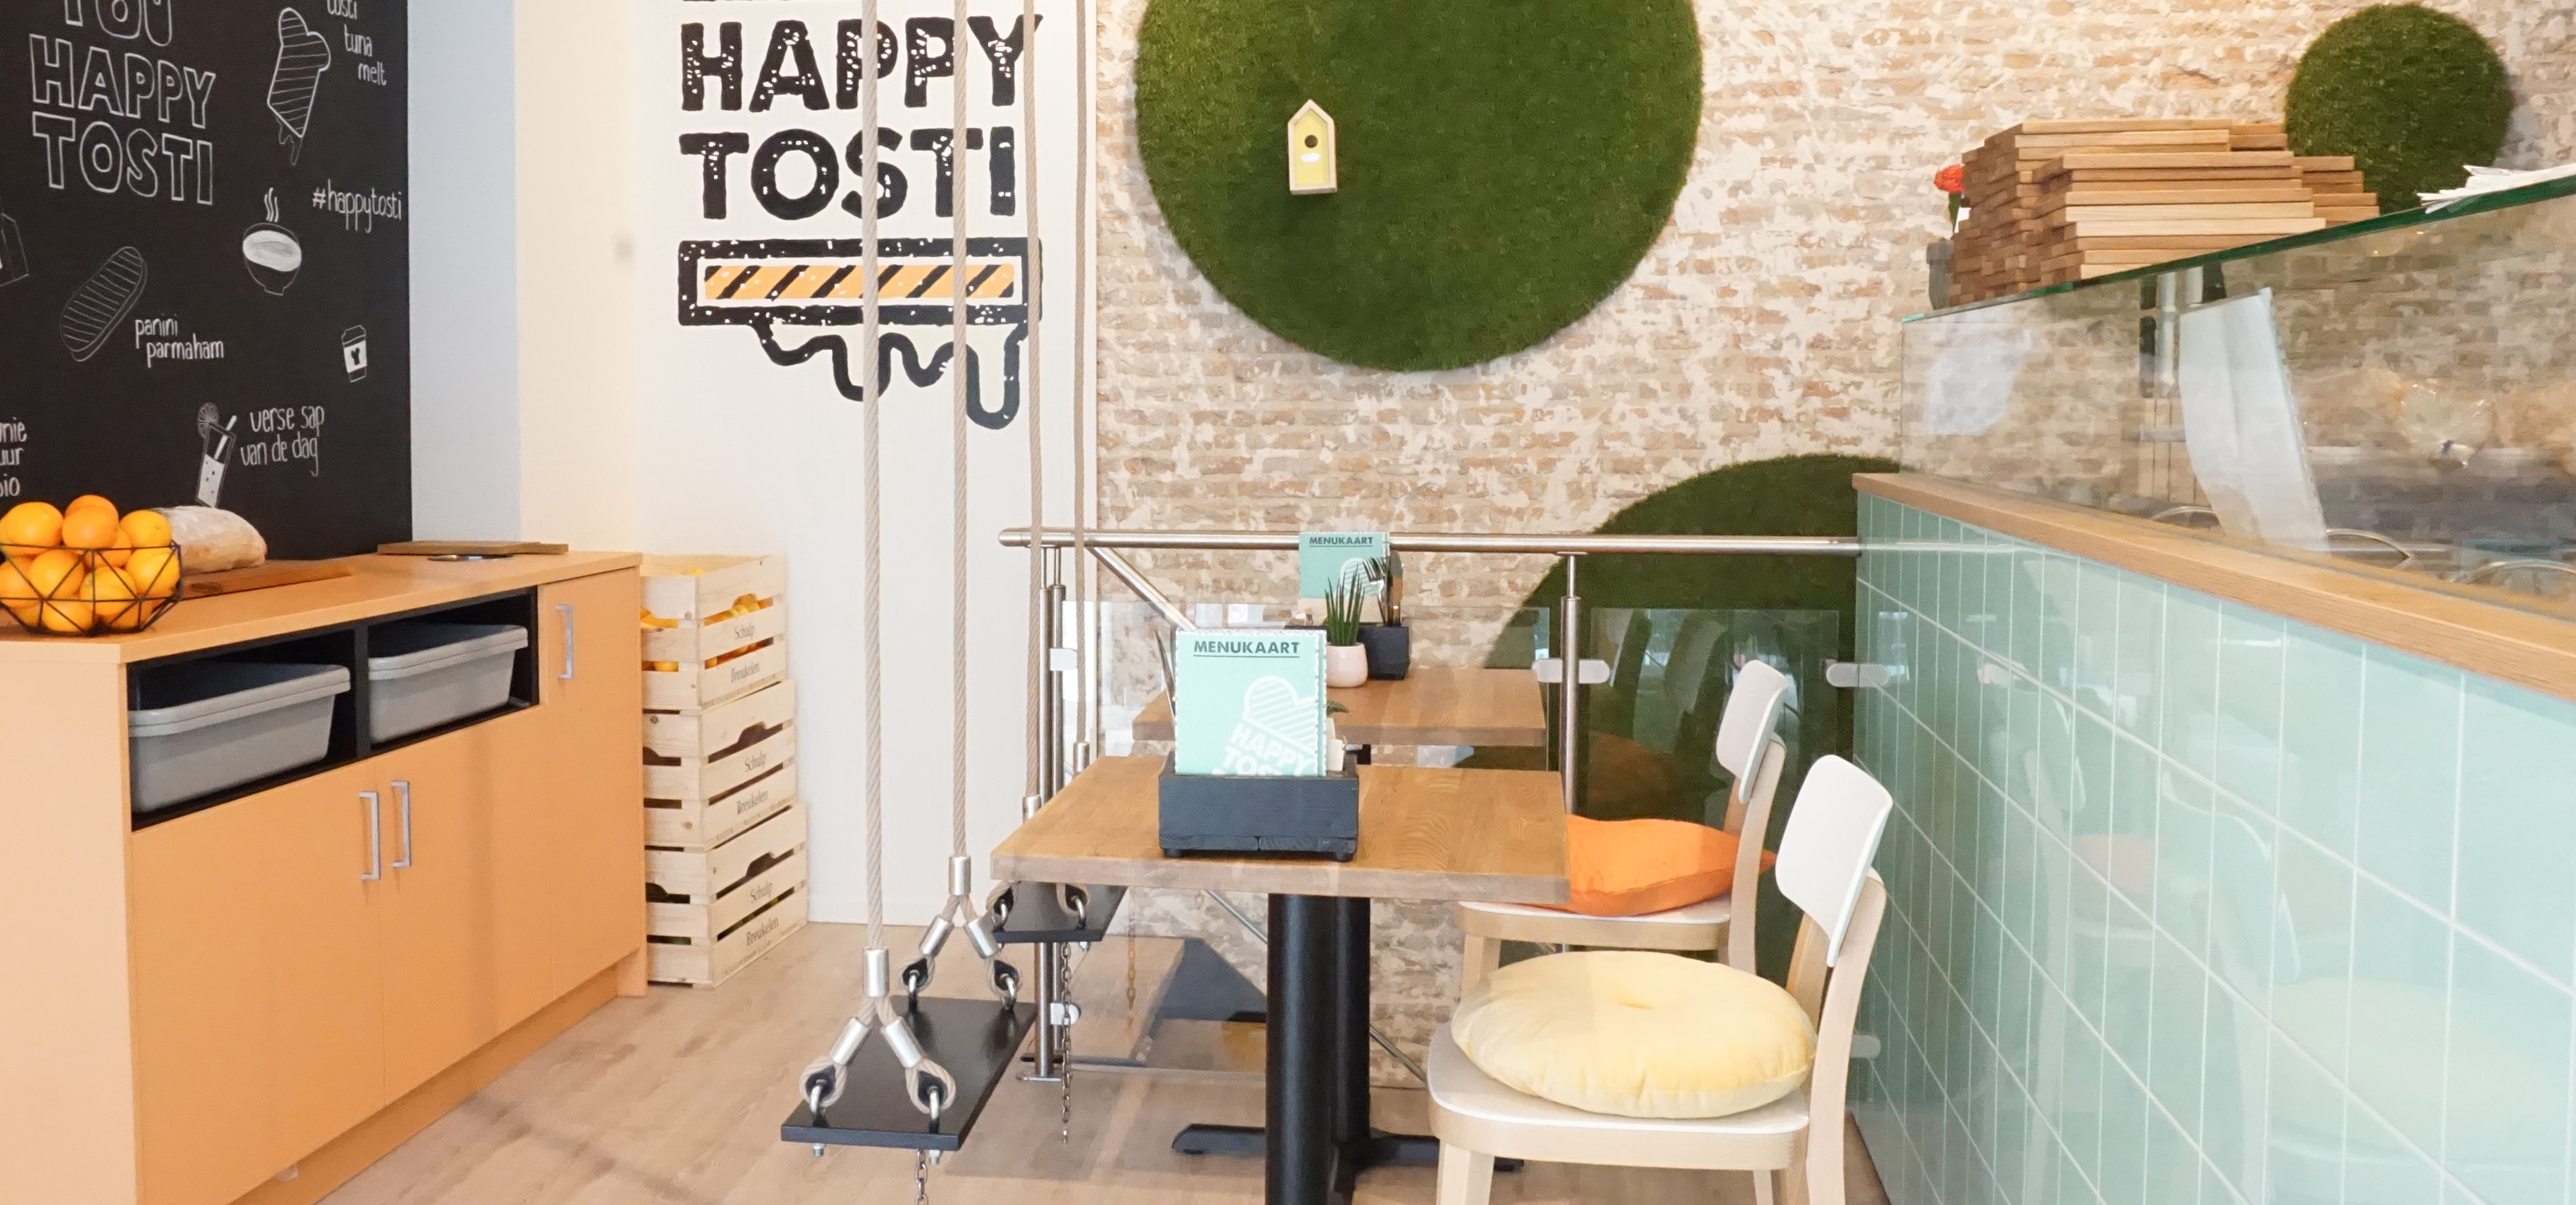 Happy Tosti Breda - door The Lemon Kitchen